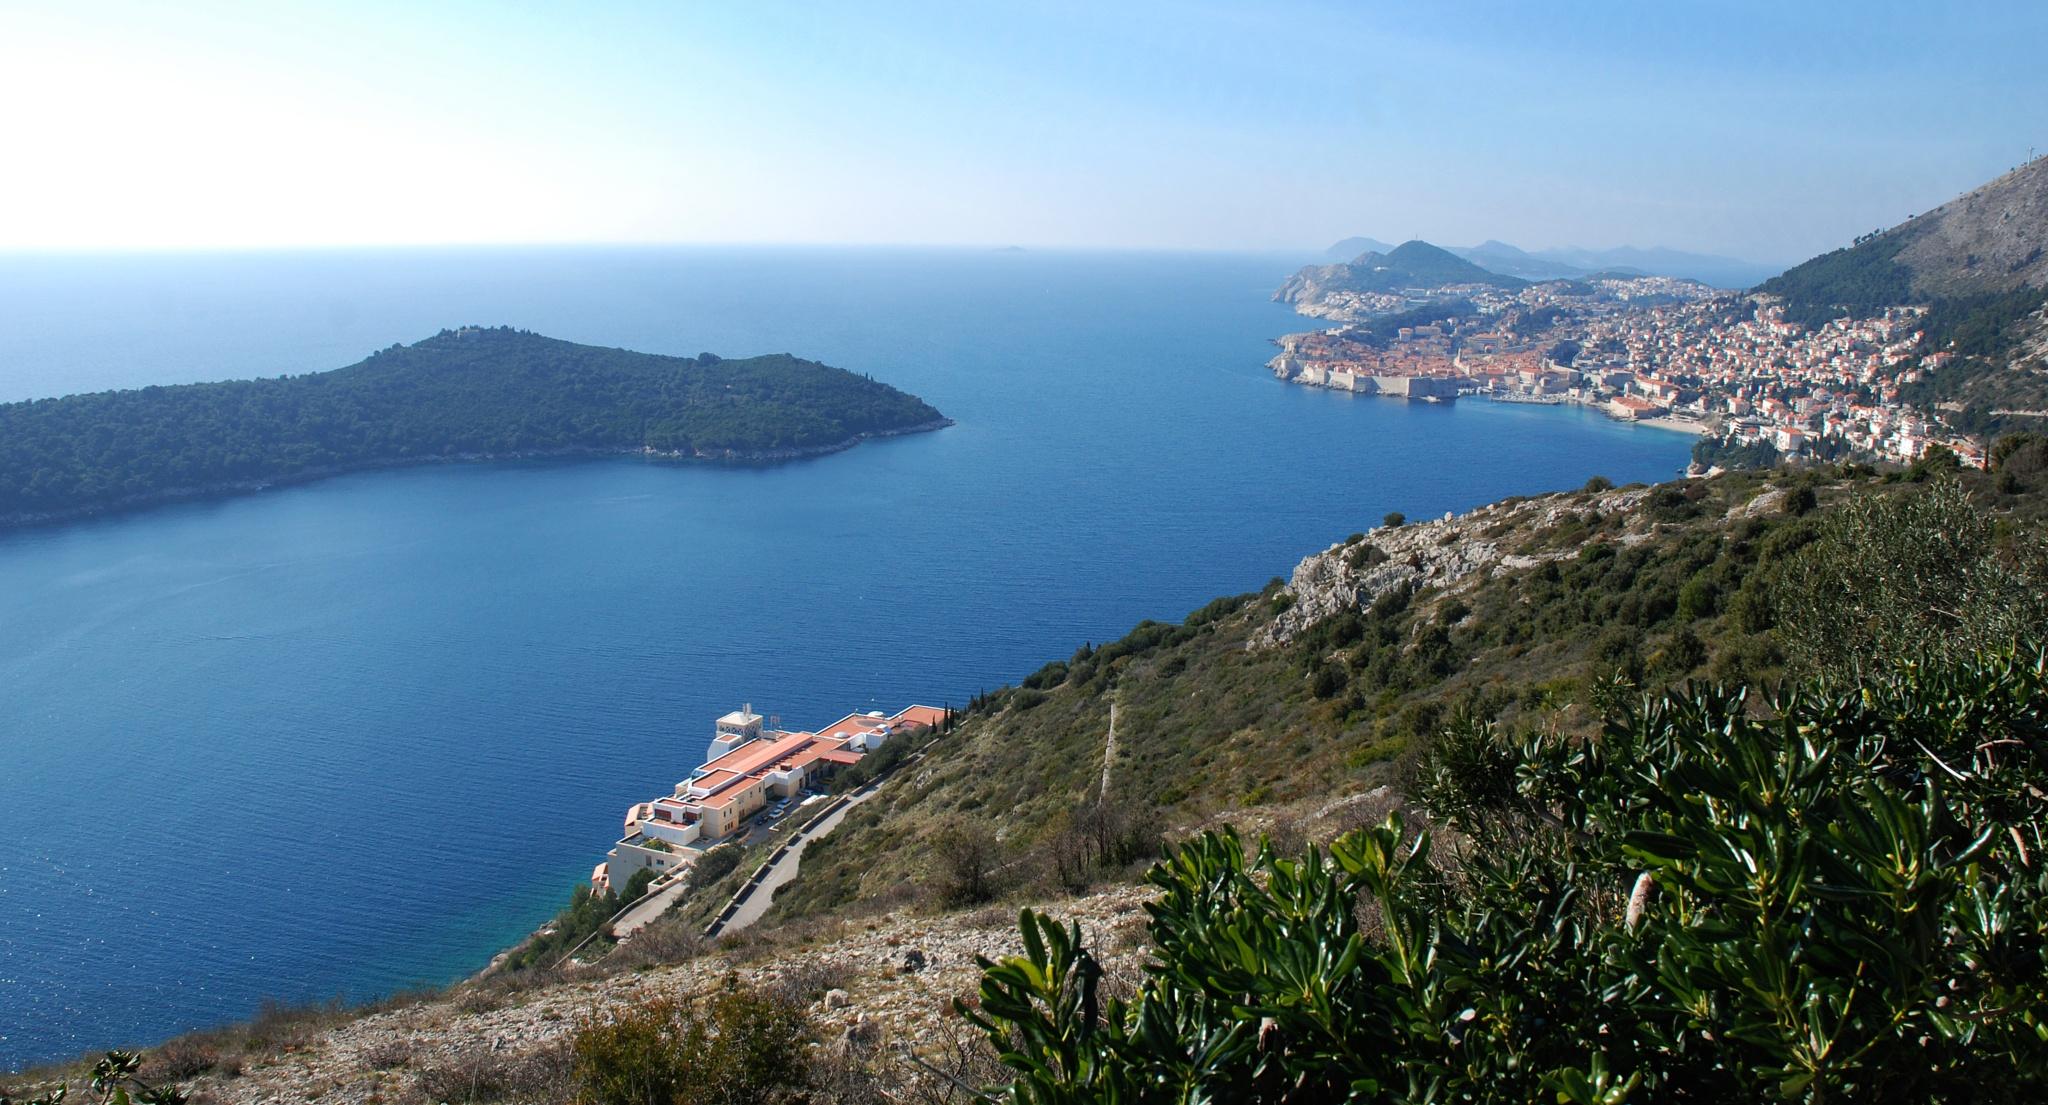 Dubrovnik with Lokrum Island by Rumen Semerdjiev